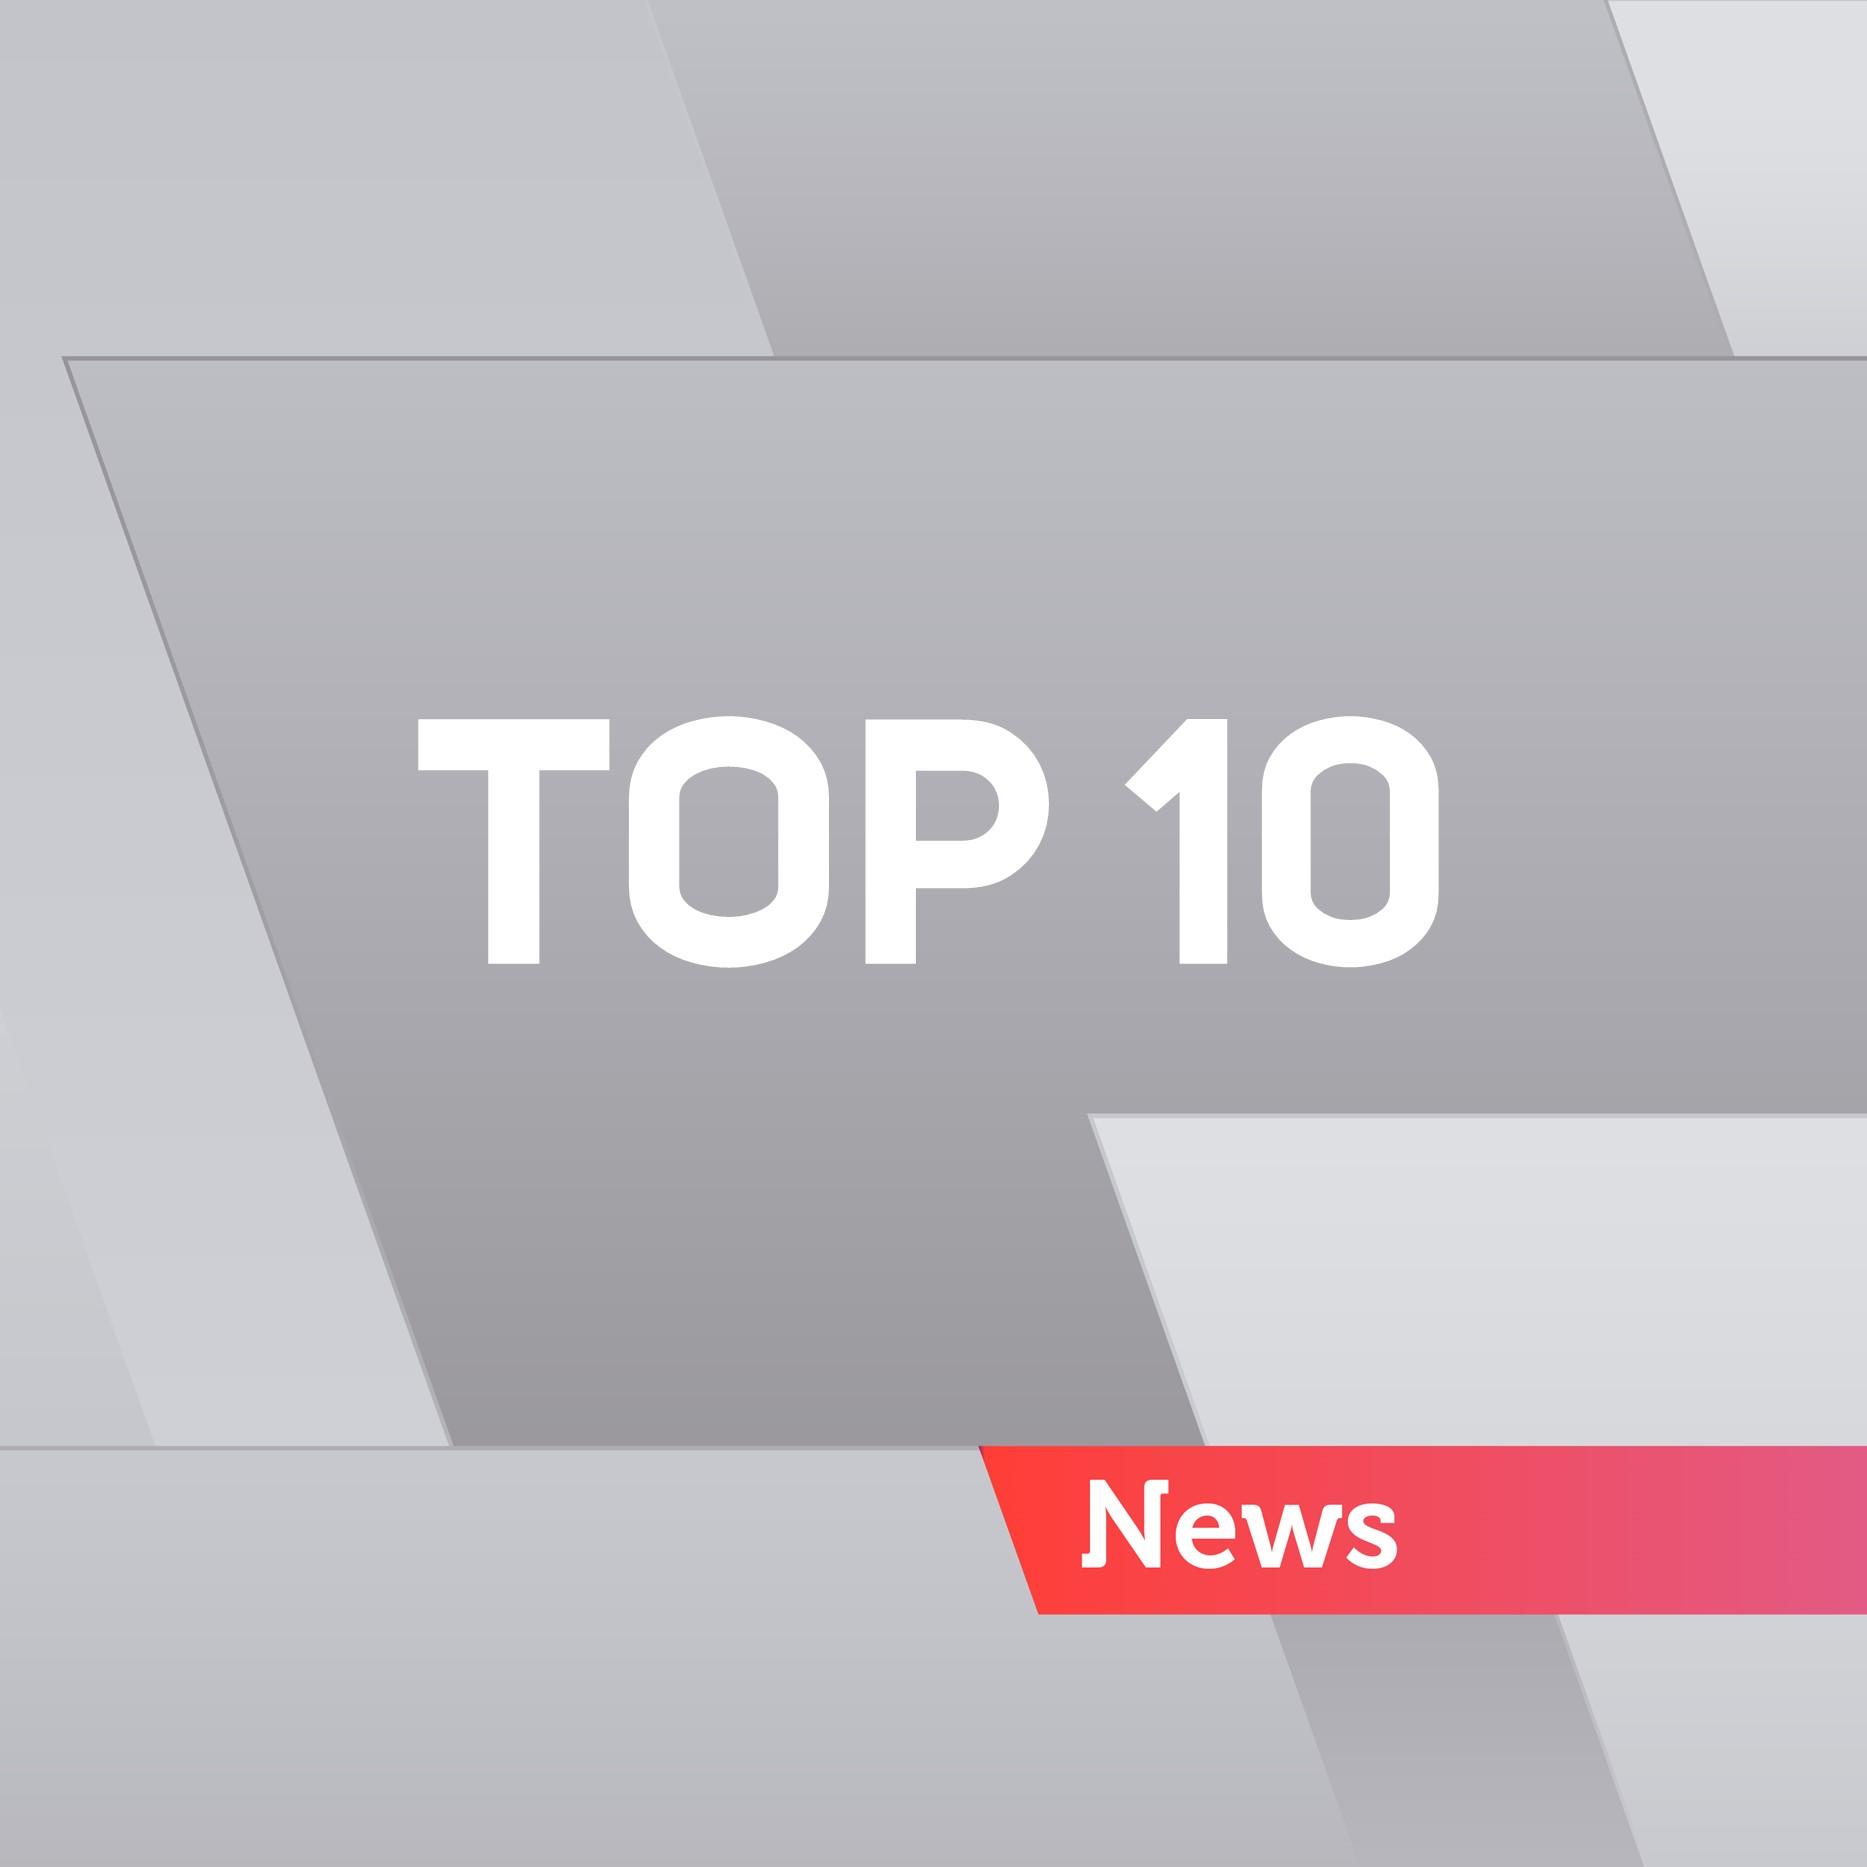 Top10: Resumo das principais notícias da manhã – 23/08/2017